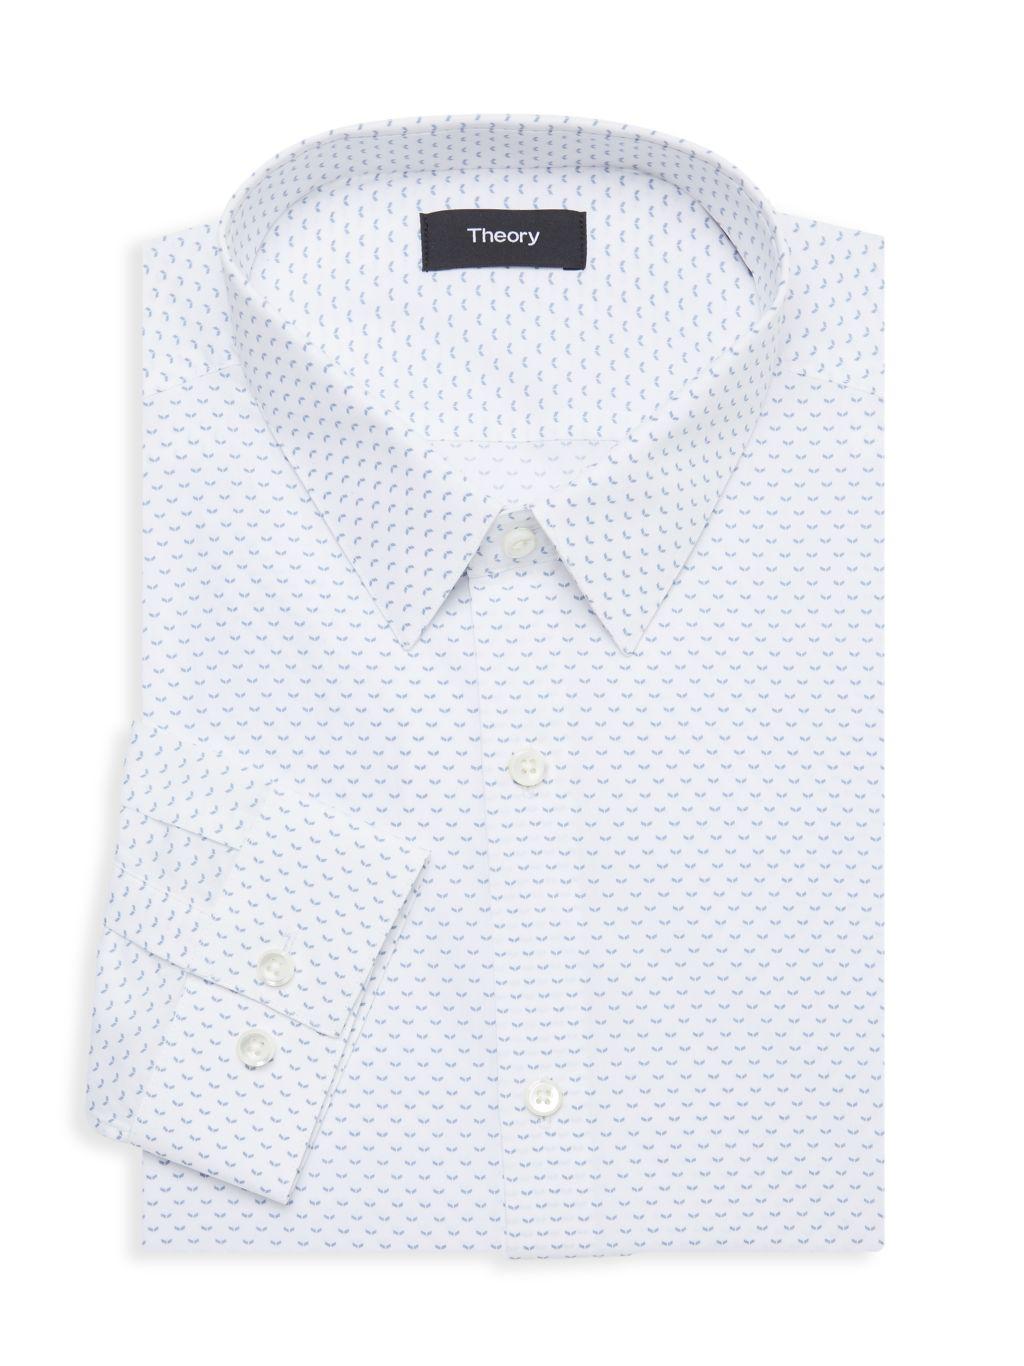 Theory Chevron-Print Dress Shirt